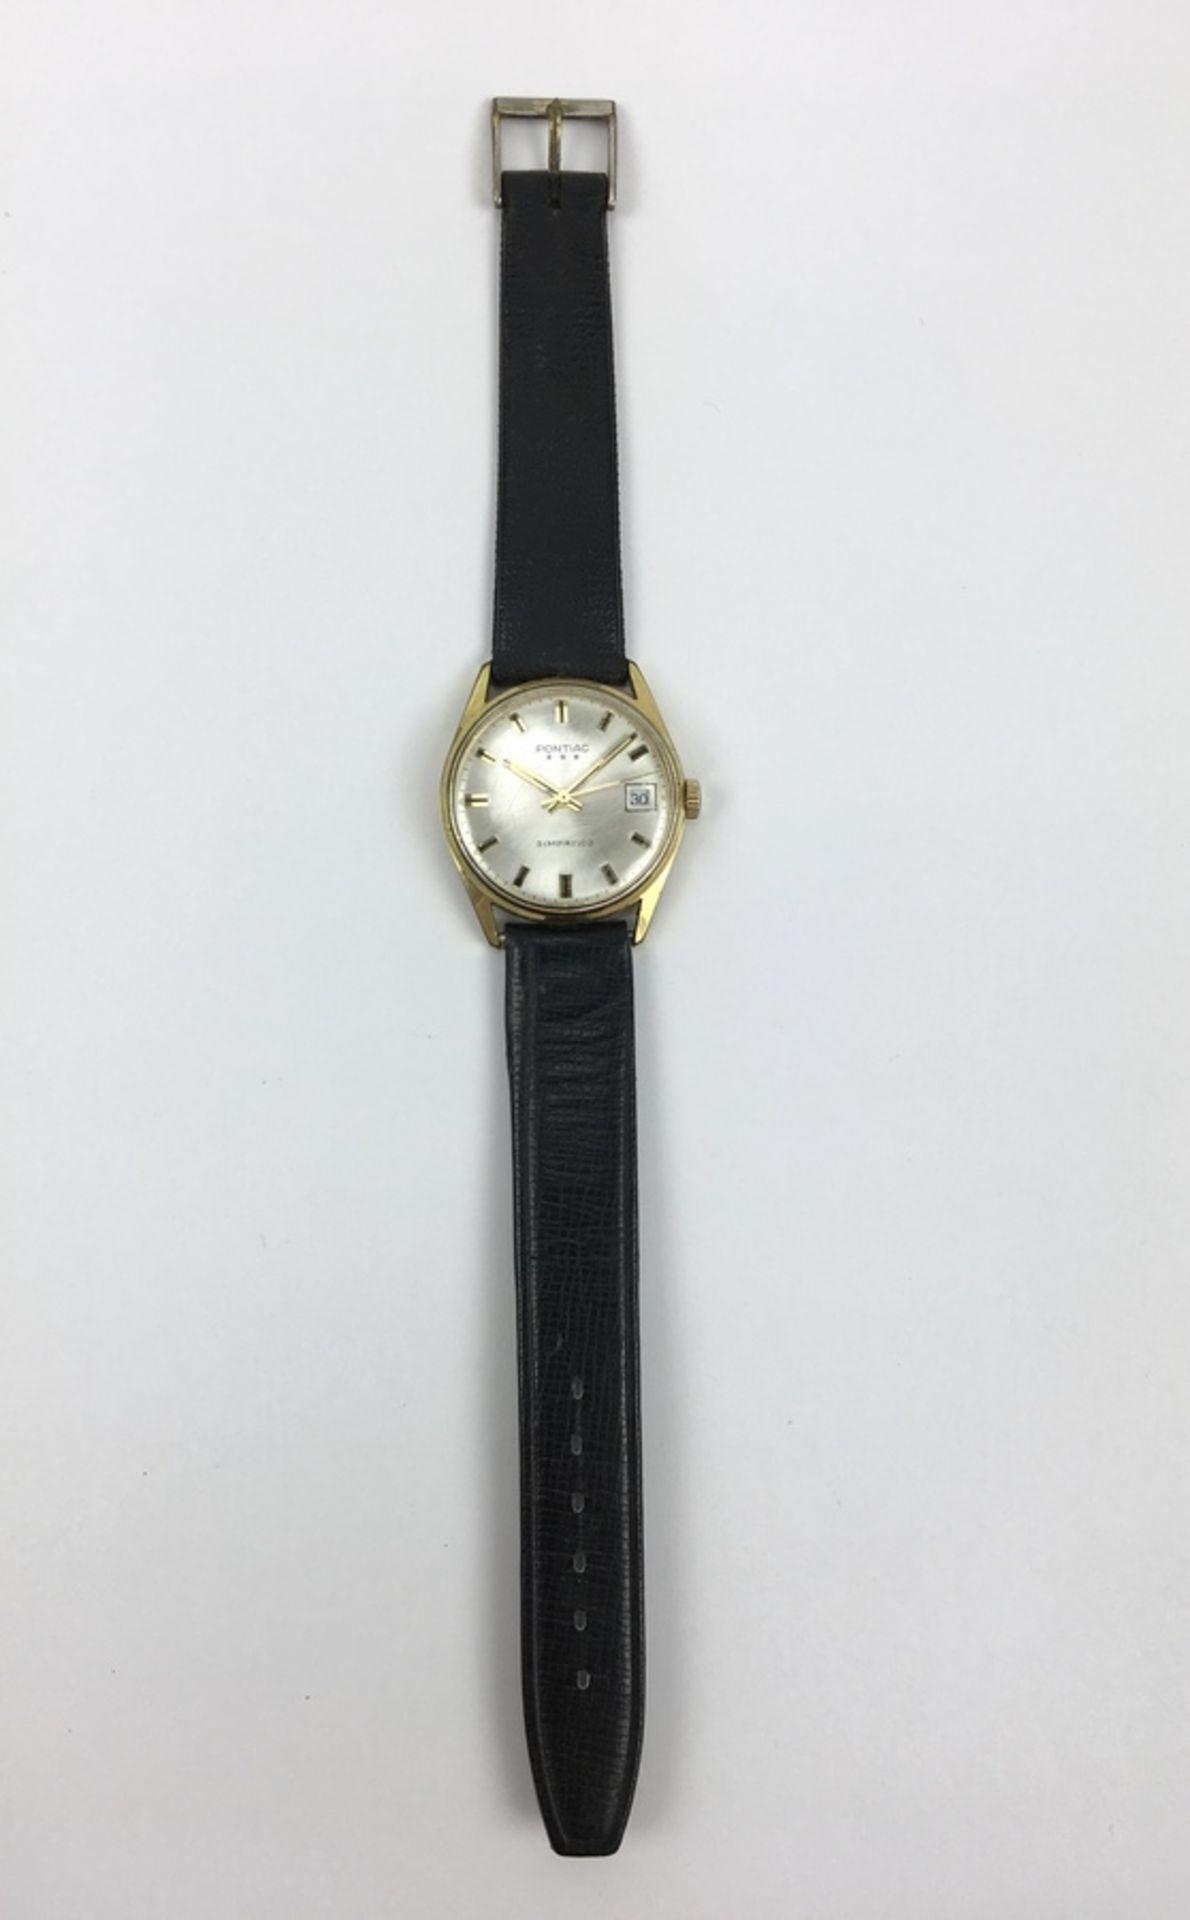 (Sieraden) Horloge PontiacVintage heren horloge Pontiac Simpatico. Conditie: In werkende staat.